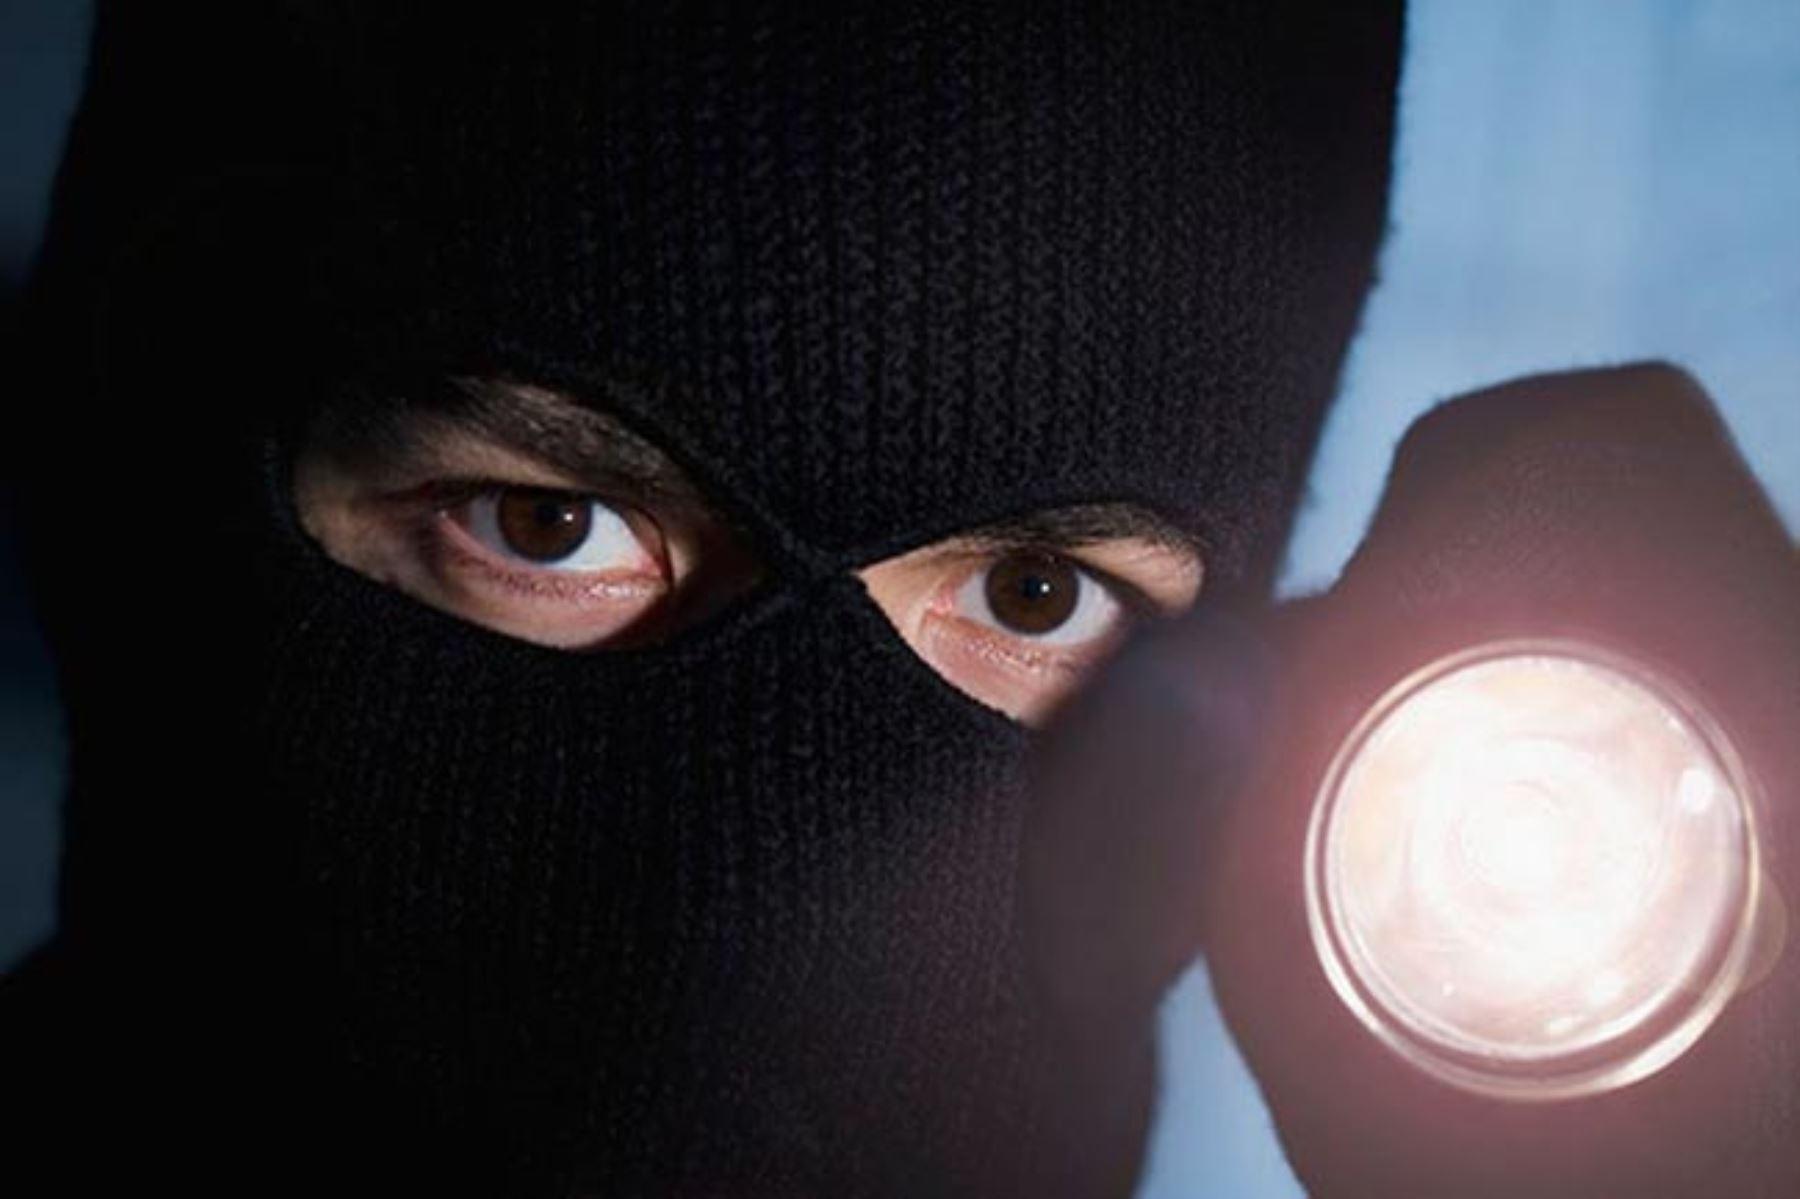 Mecanismos de seguridad inalámbricos permitir mejor vigilancia de viviendas. Foto: Andina/Difusión